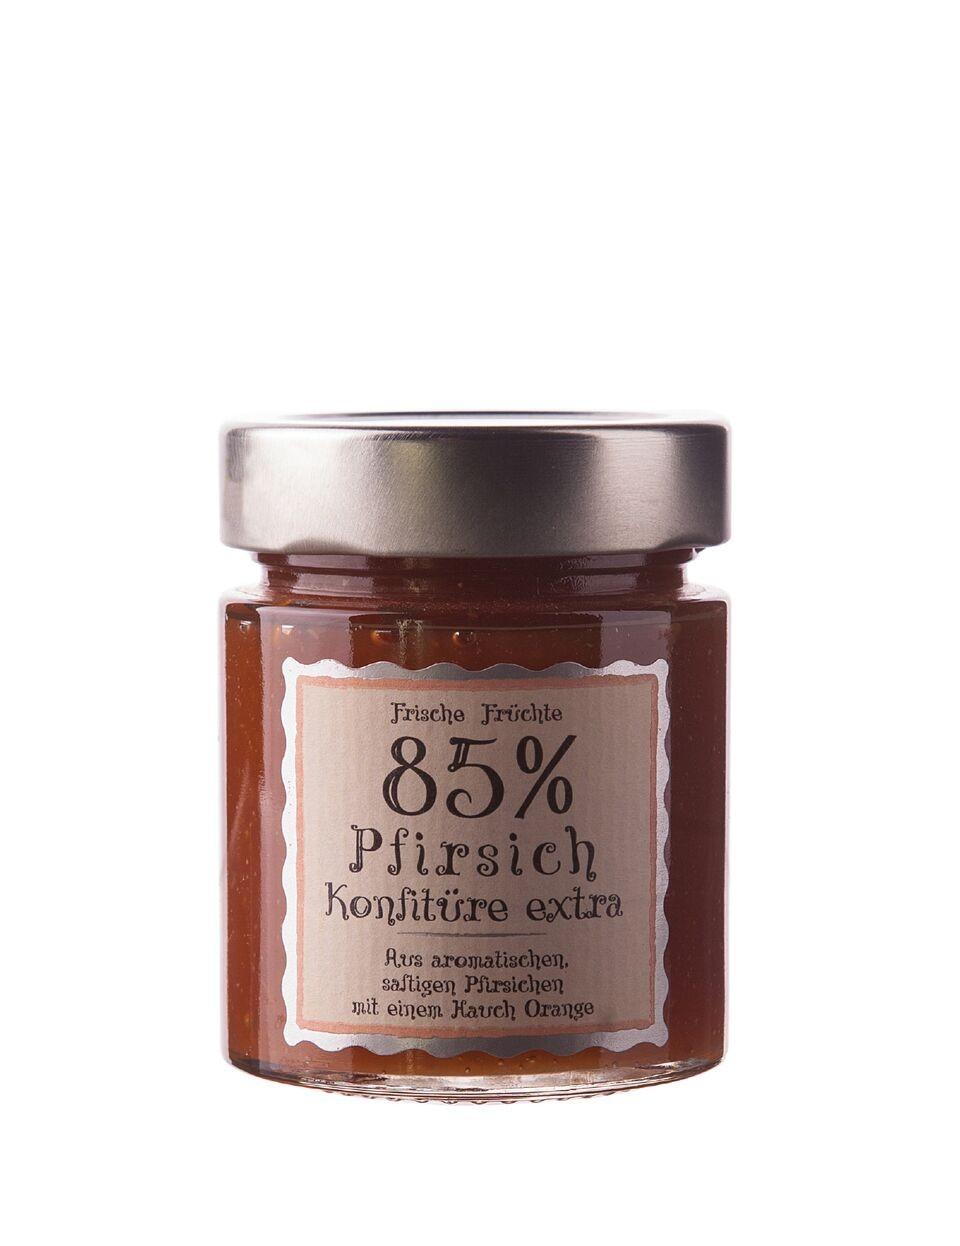 Pfirsich Konfitüre 85% extra 180g